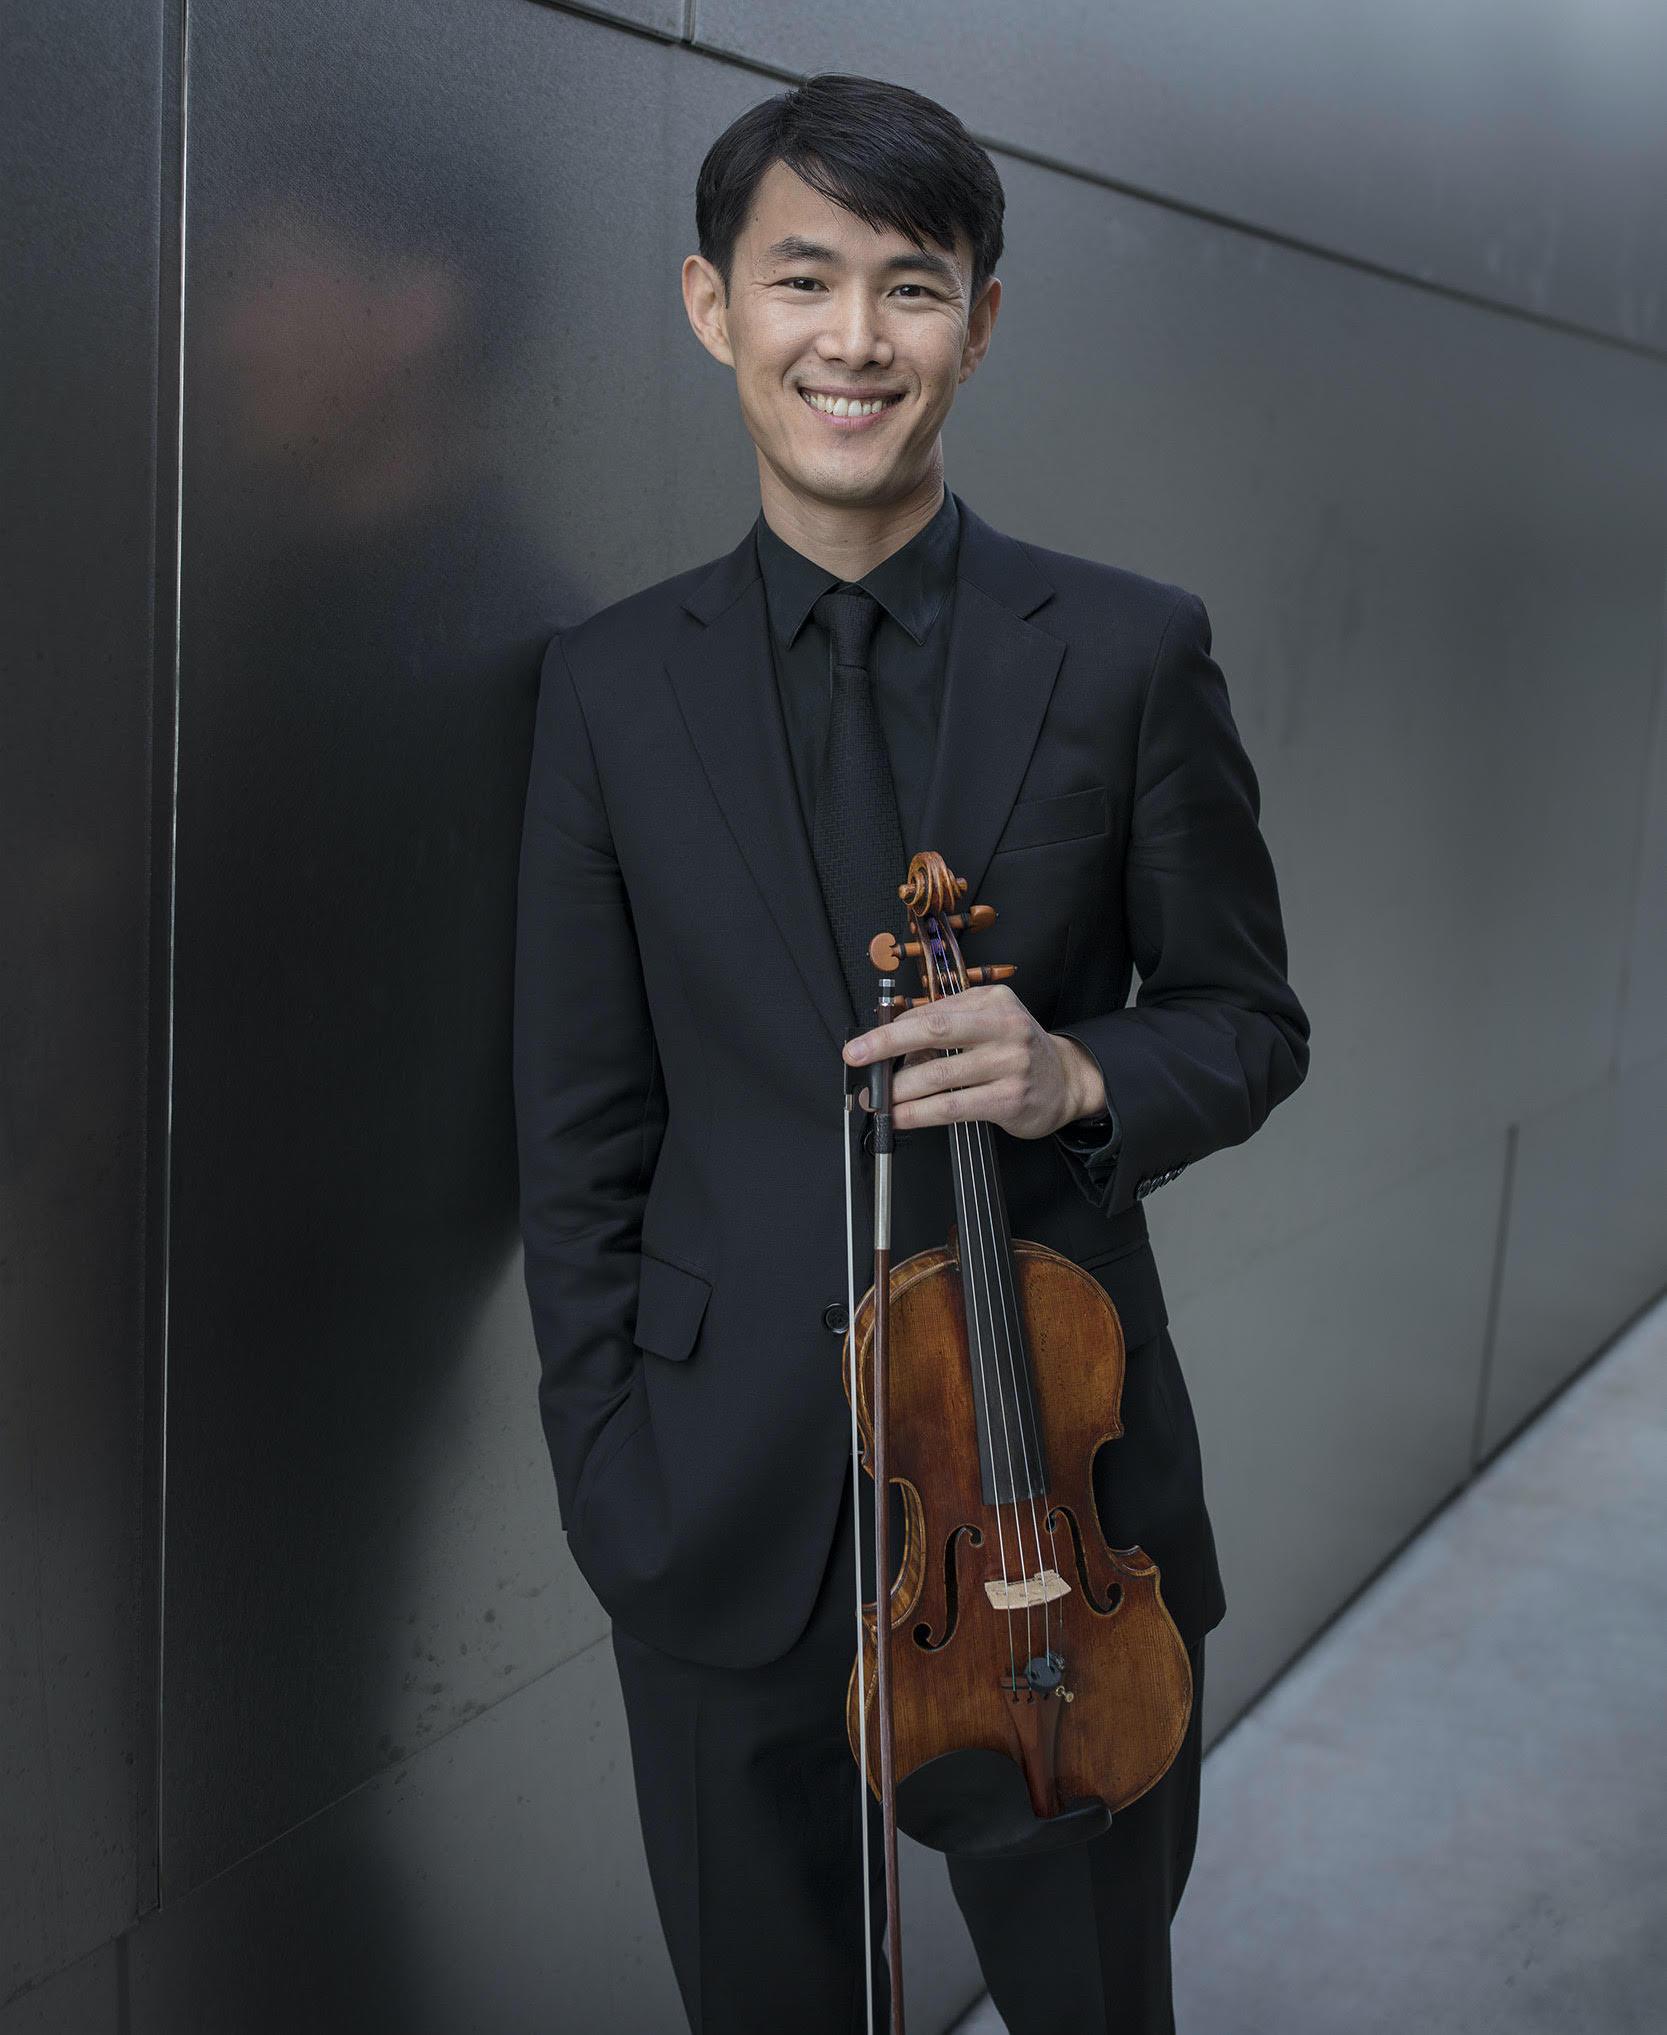 Jin-Shan Dai posing with violin